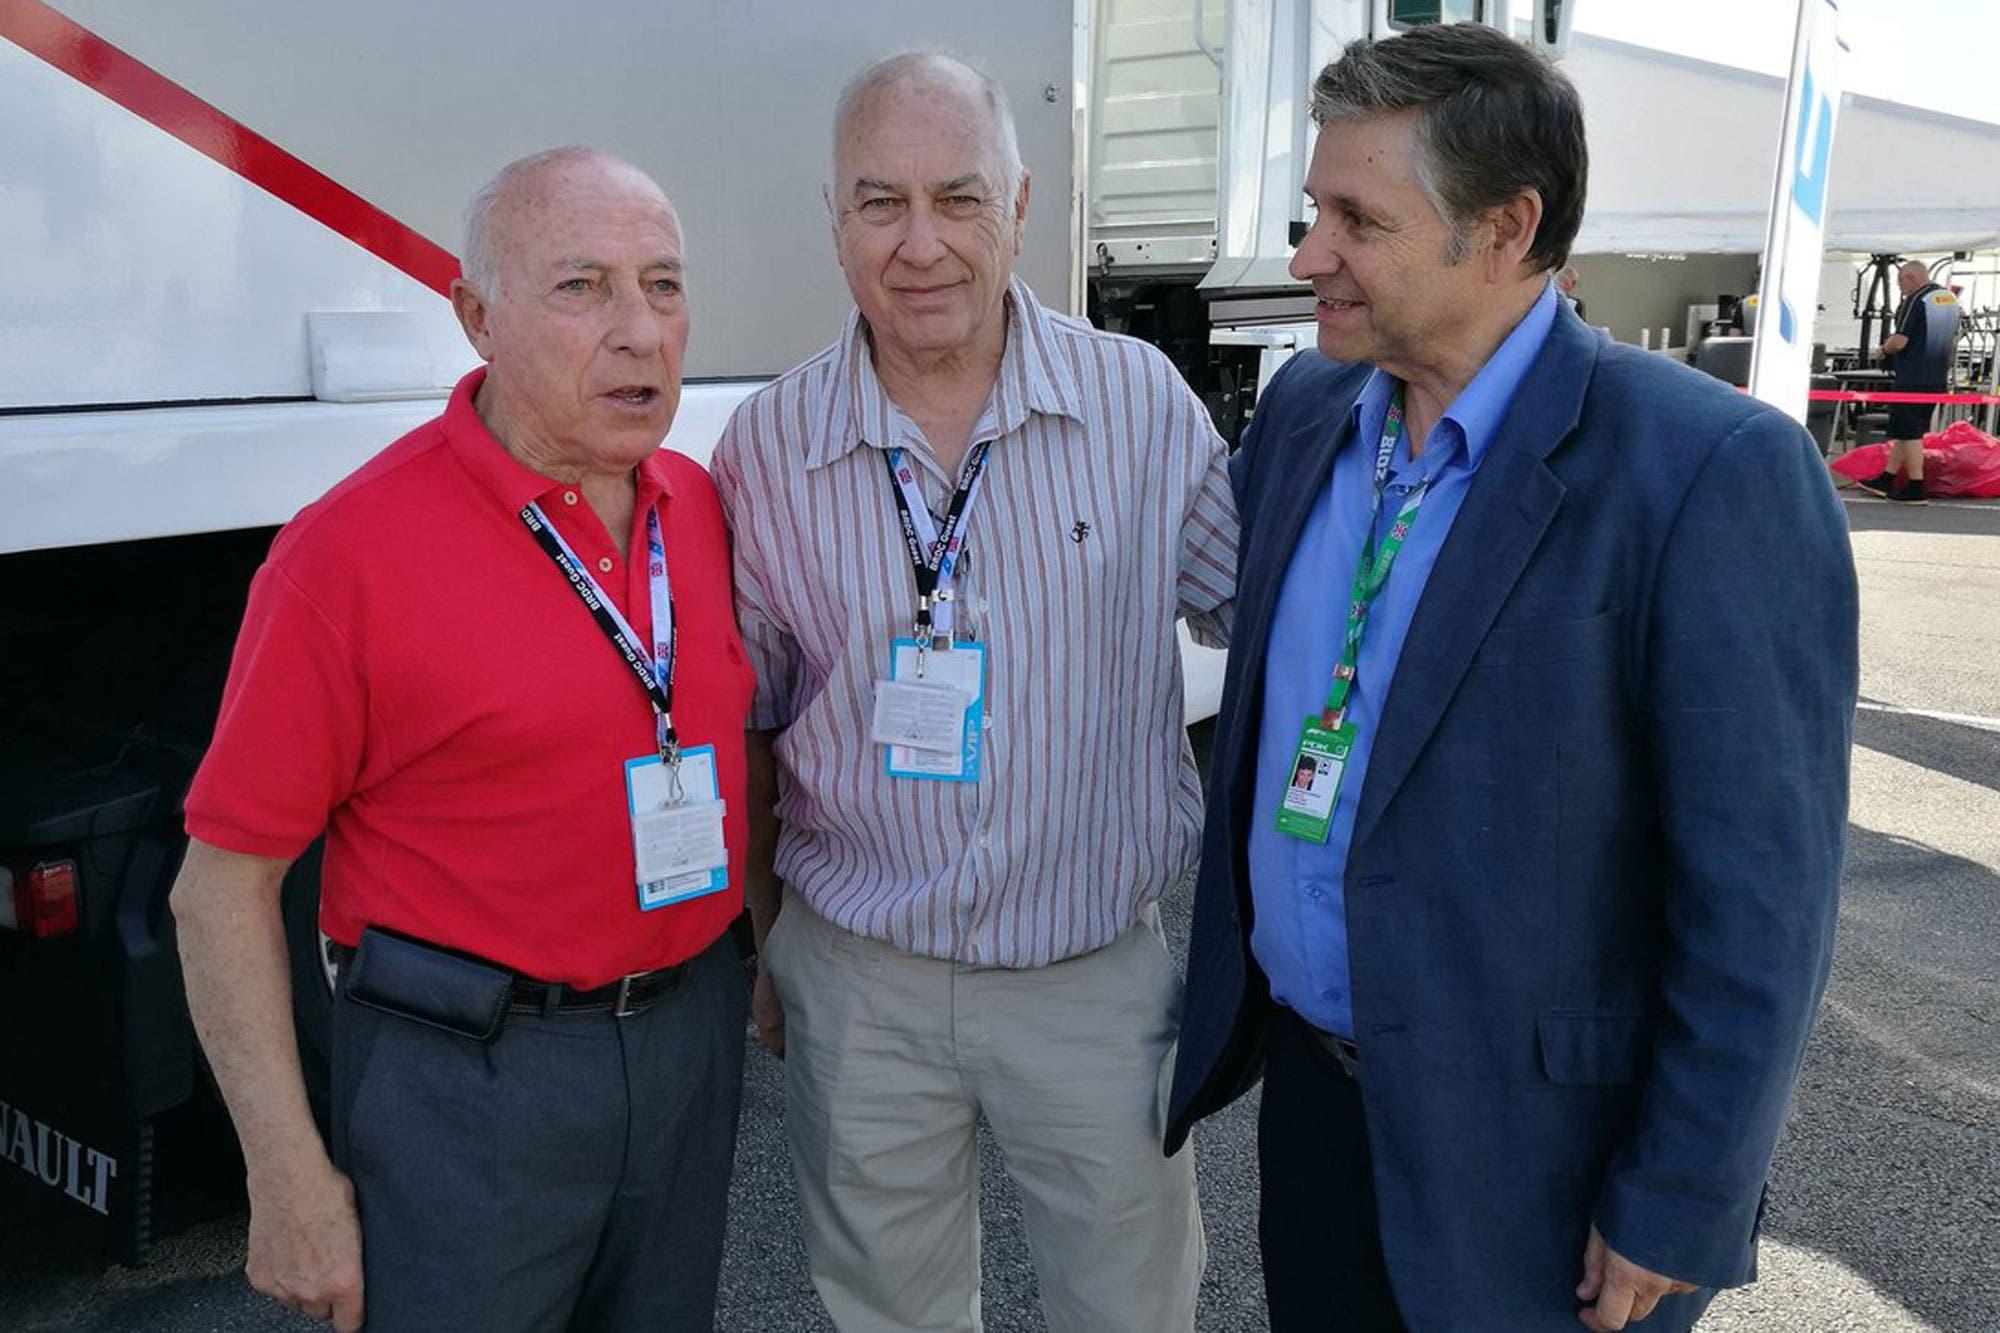 La historia de Rubén, el jubilado que descubrió que era hijo de Juan Manuel Fangio y heredará una fortuna